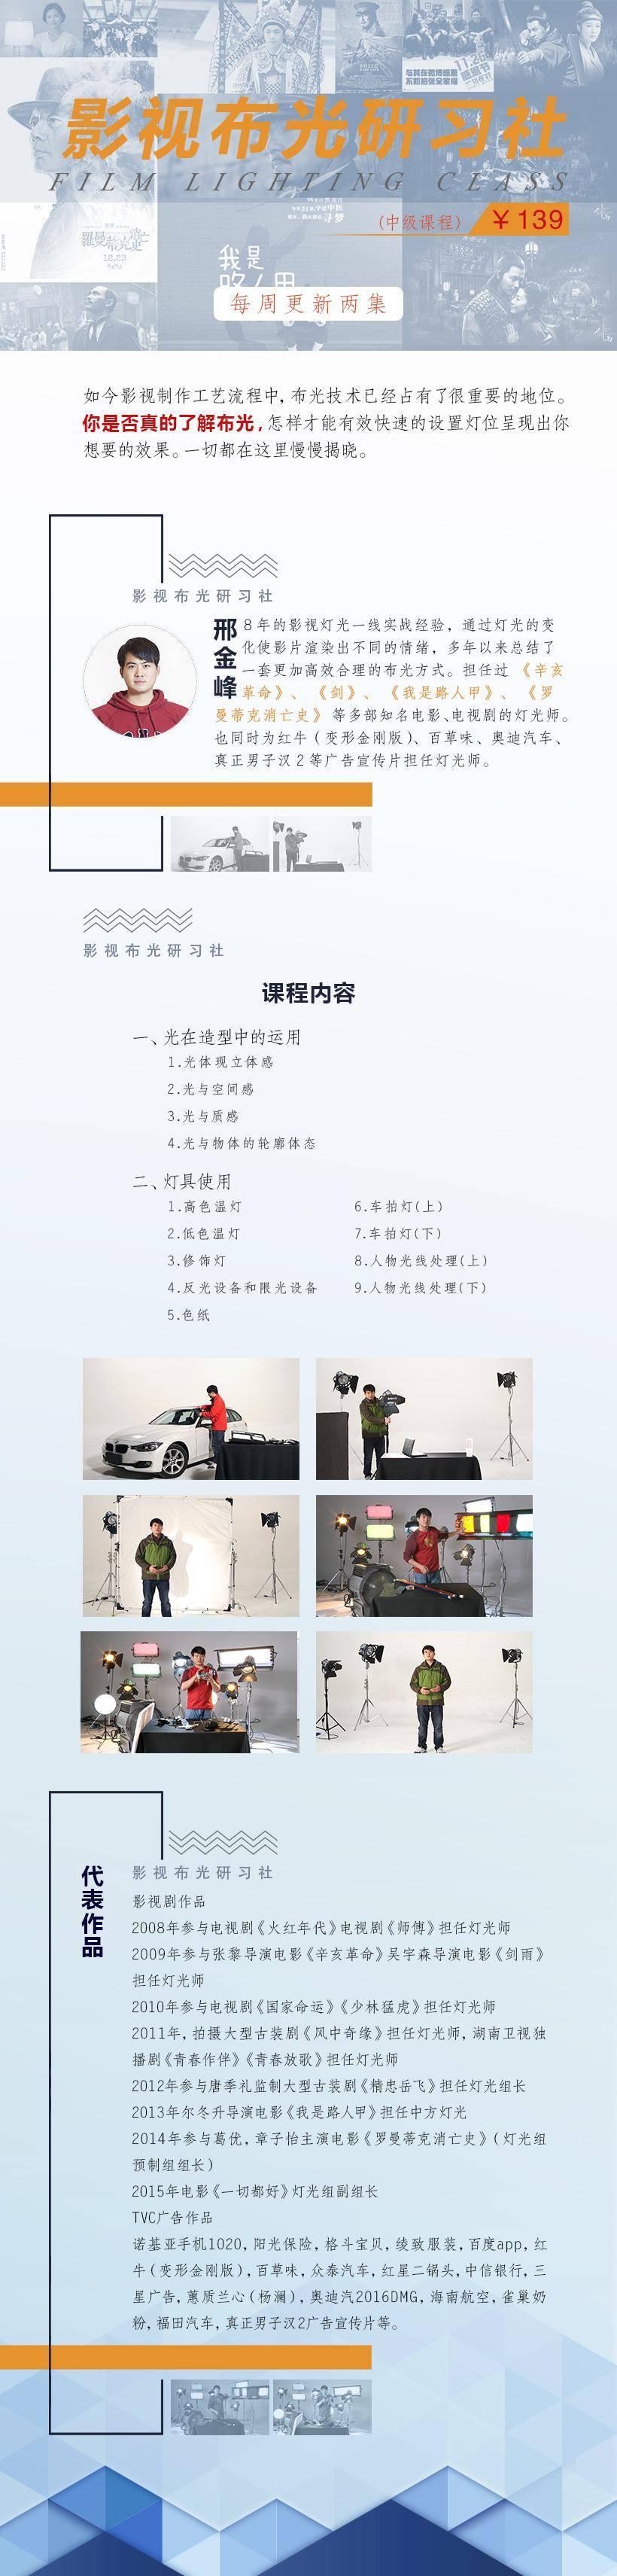 精品讲座-邢金峰影视布光研习社(初级+中级+高级) 一线灯光师教学课程(4)